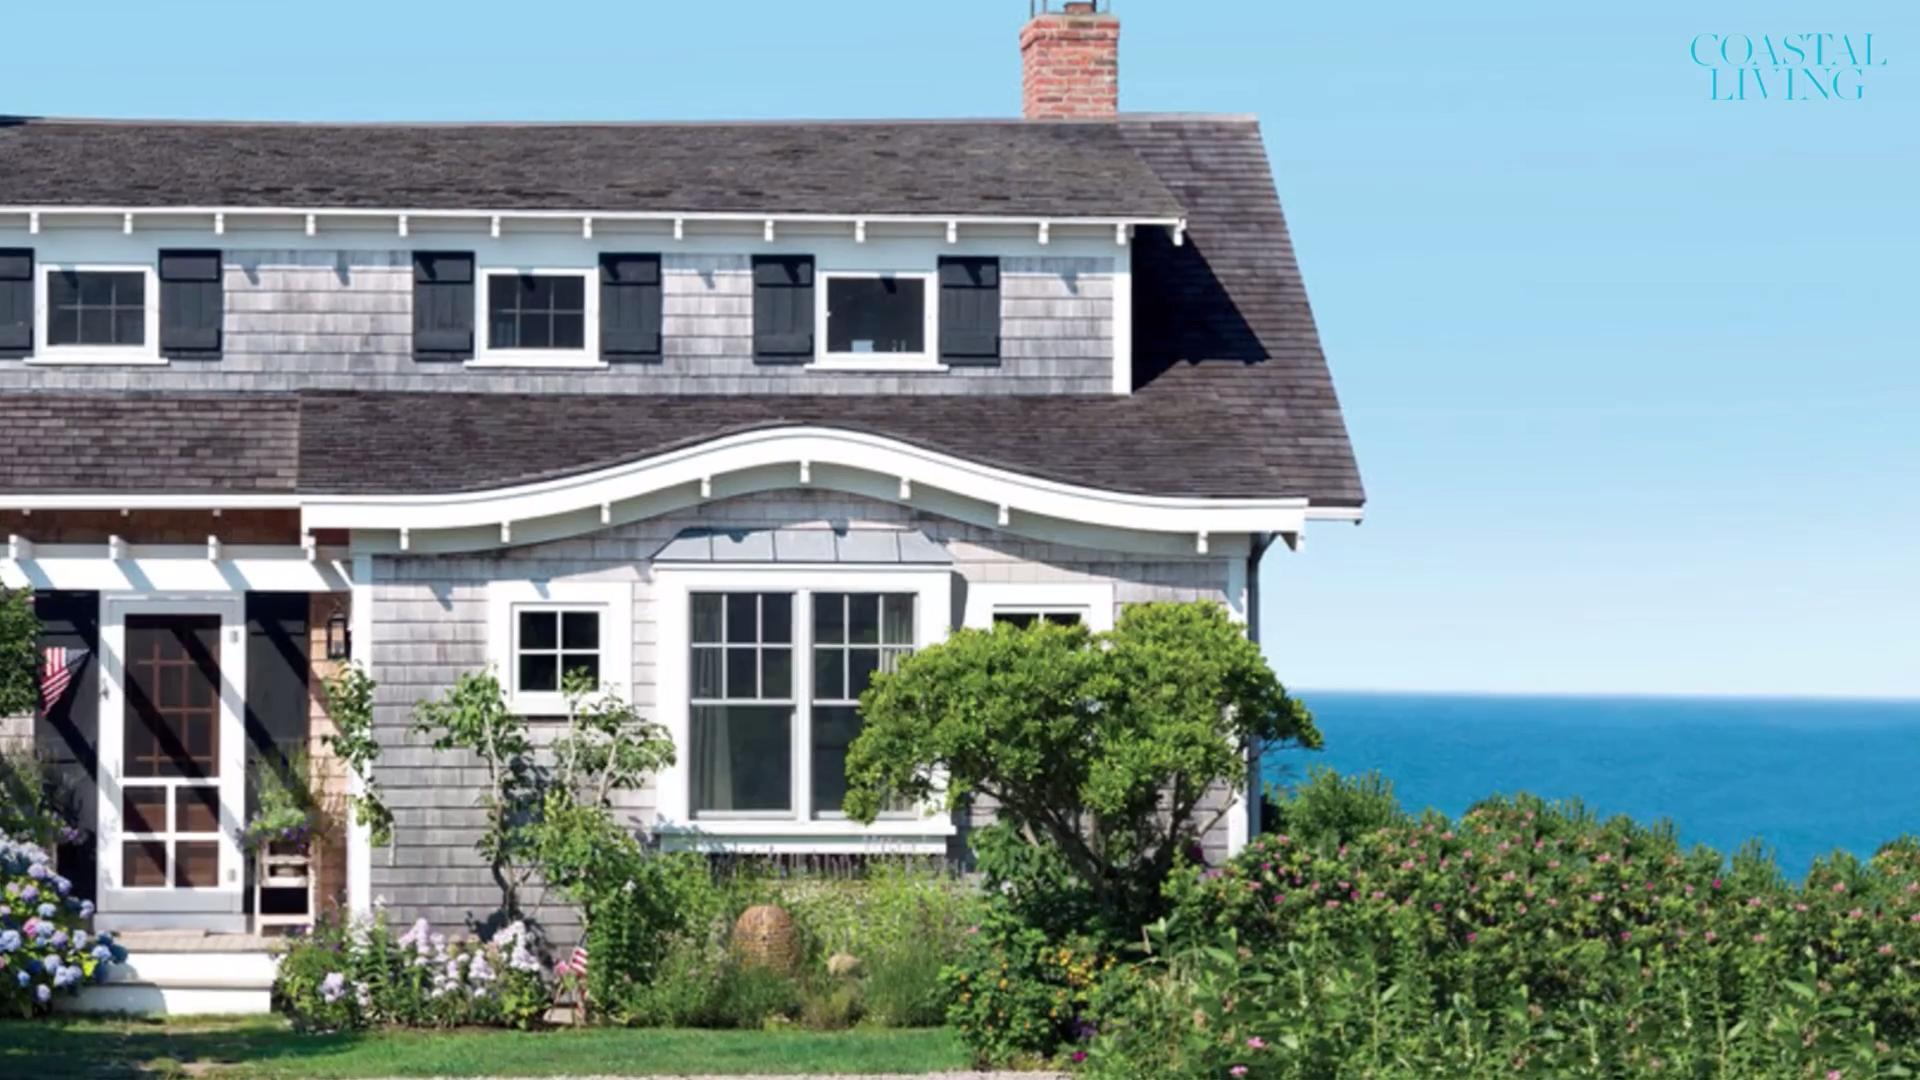 Cottage village White Beach: description, layout and reviews 5